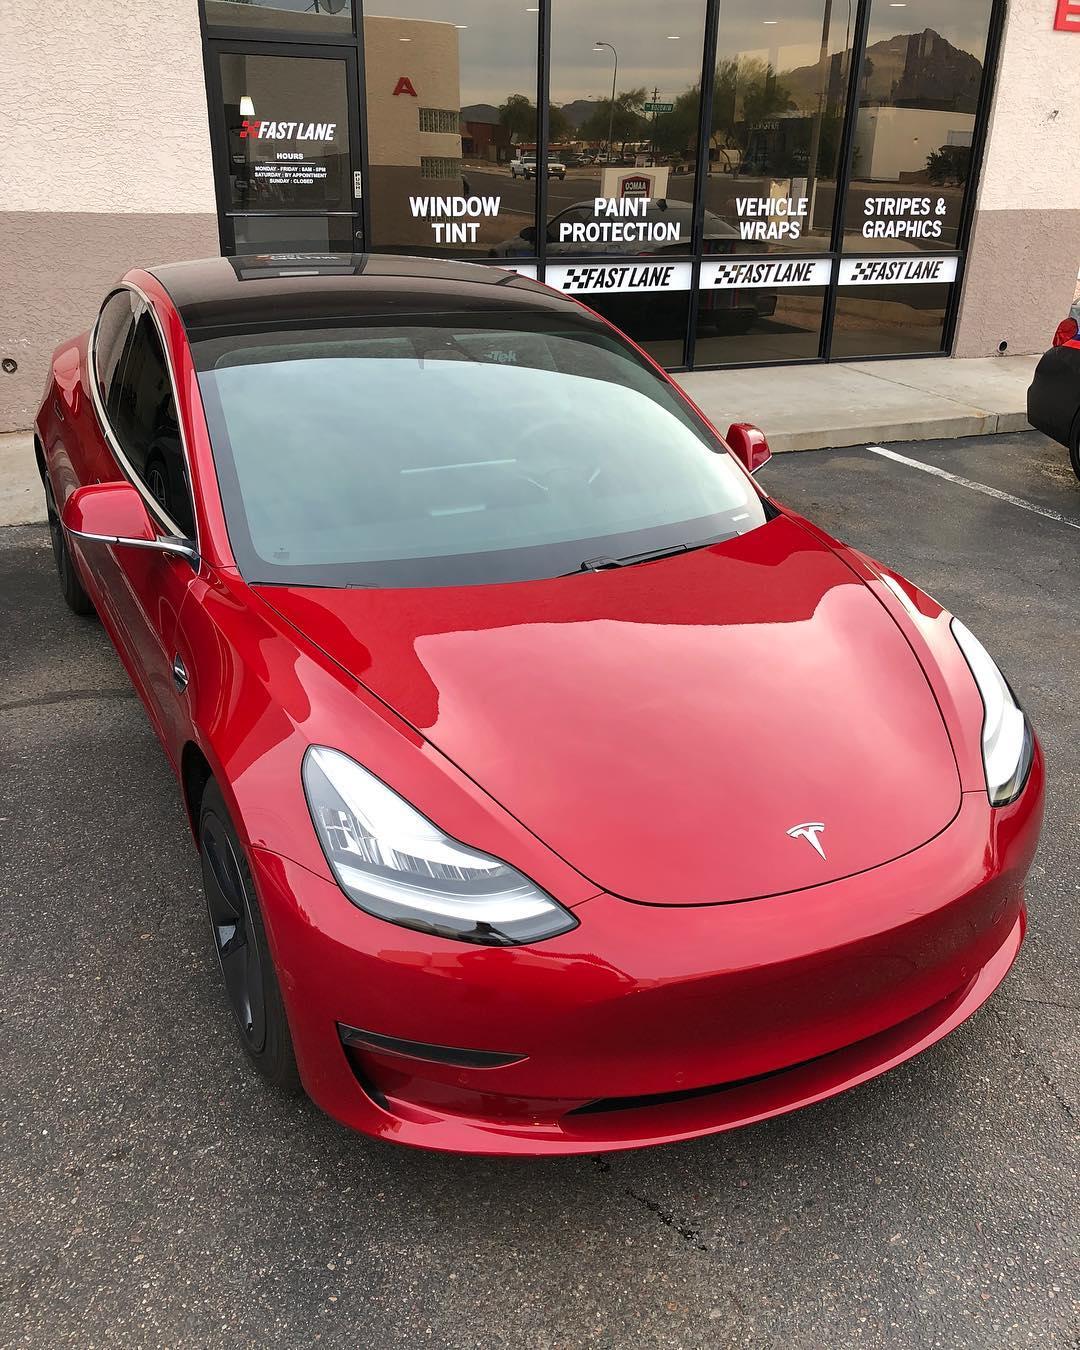 Red Tesla PPF